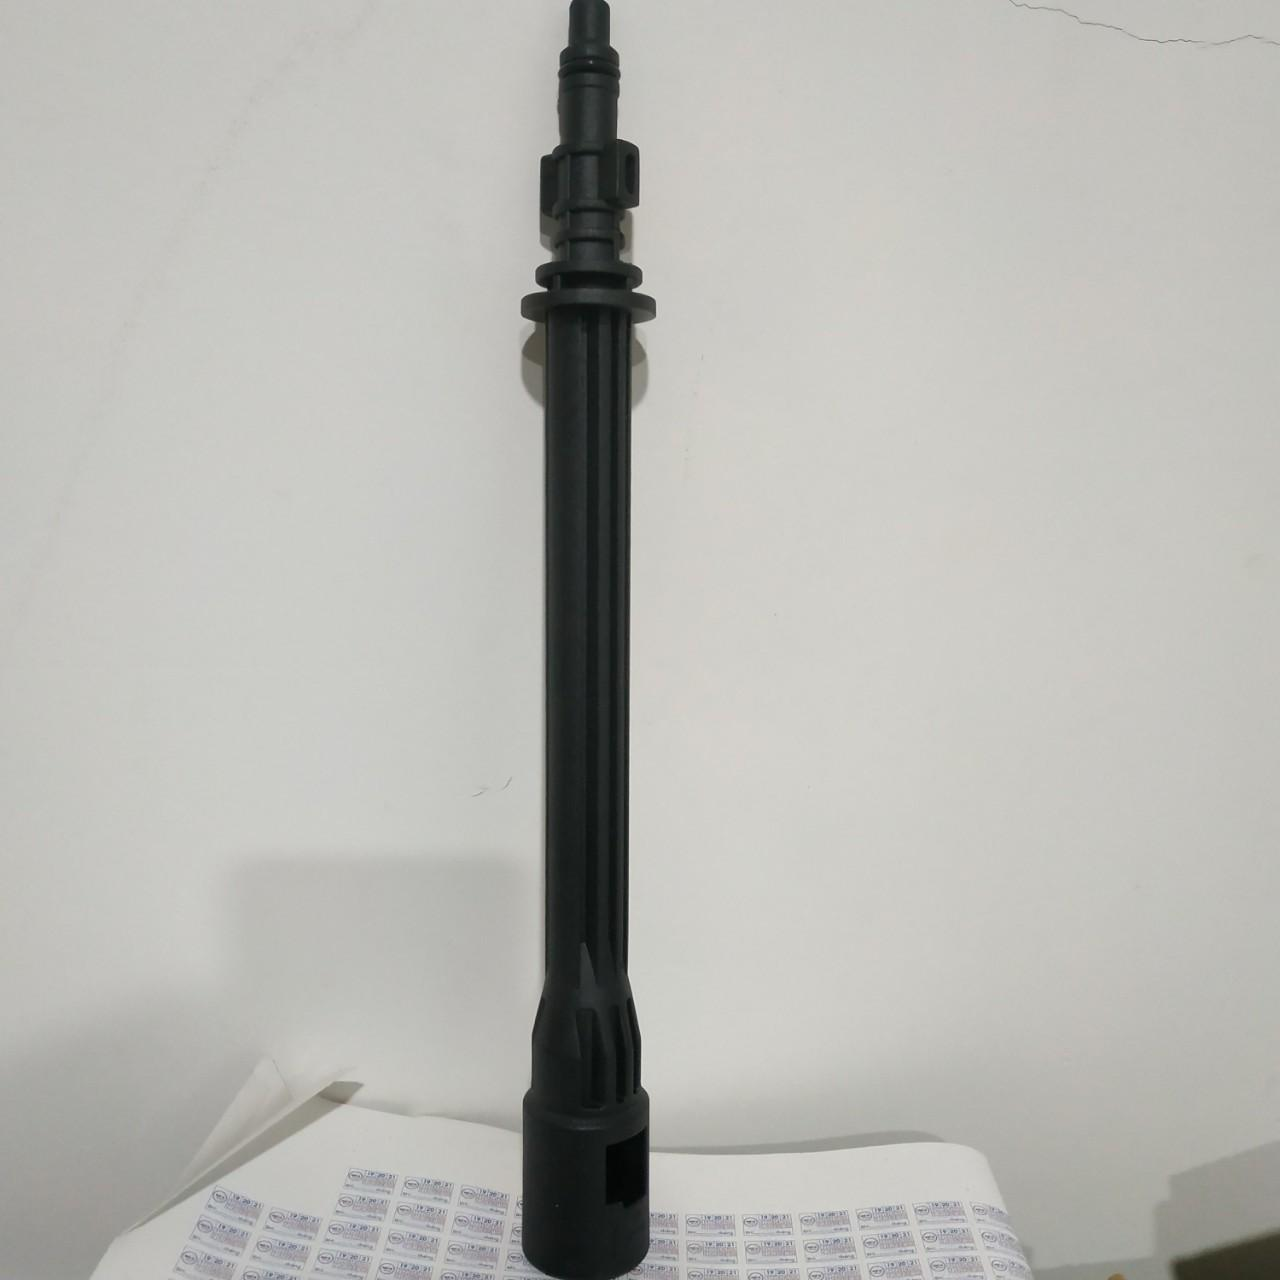 Thân nối dài cho vòi xịt máy rửa xe Zukui S1 S2 S3